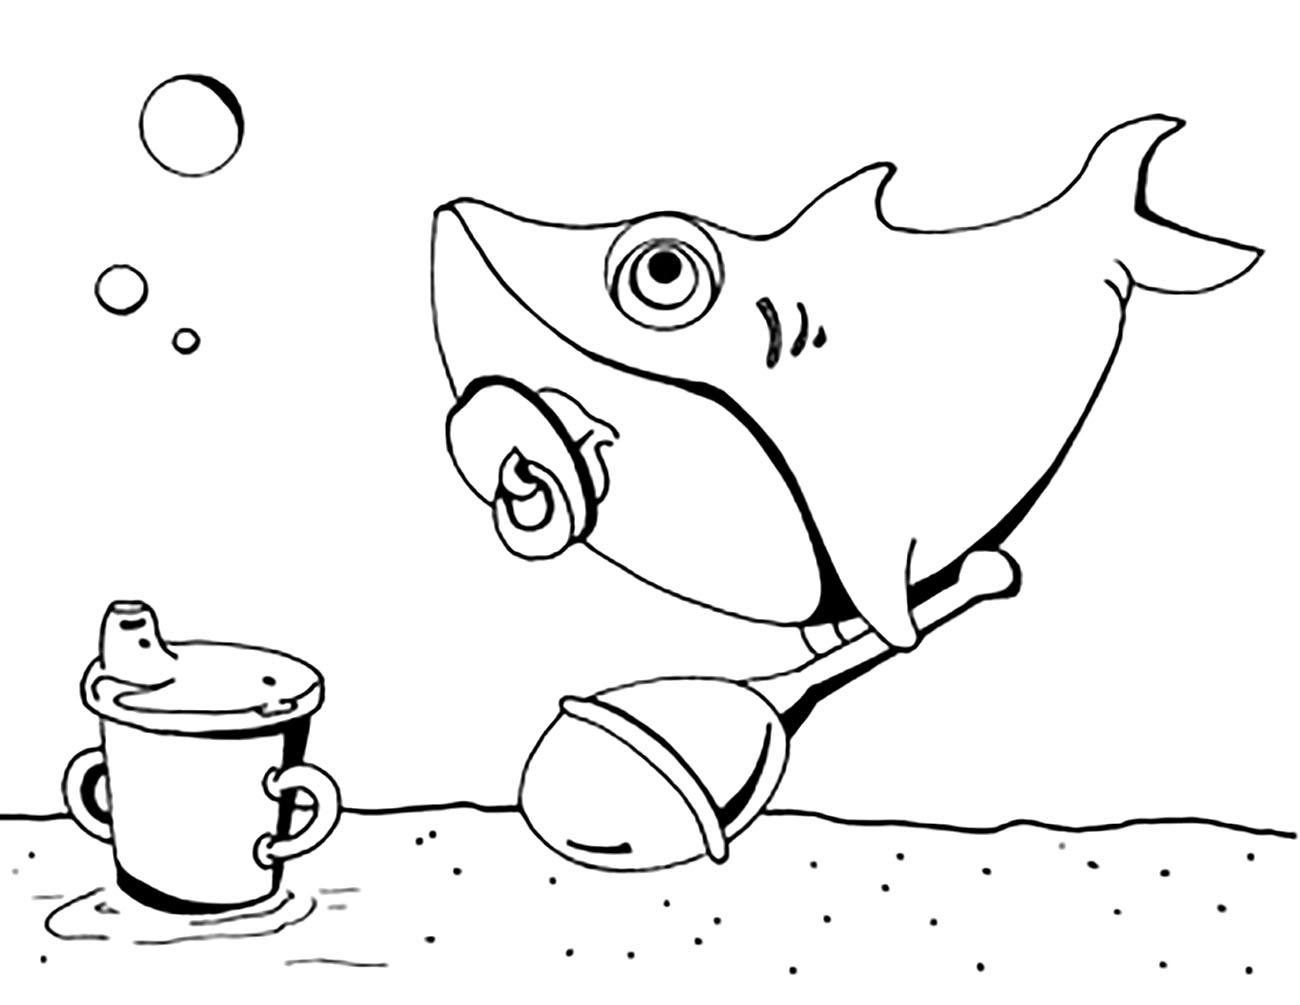 Bébé Requin - Coloriages À Imprimer Gratuits : Personnages tout Dessin De Requin À Imprimer